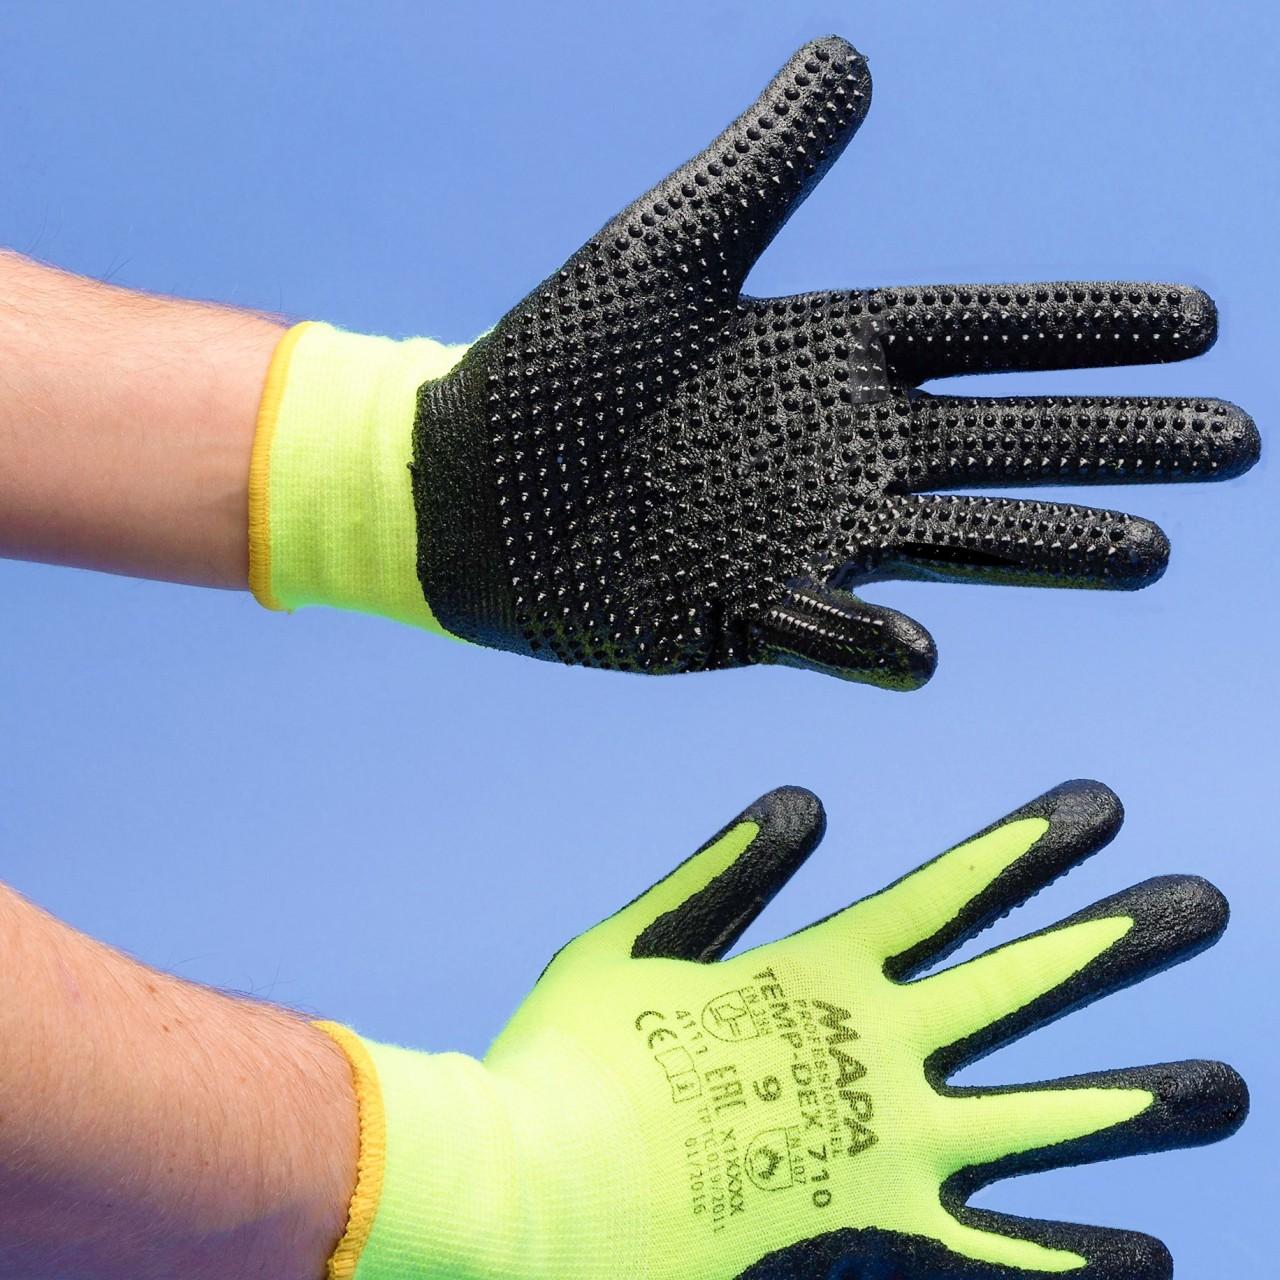 Hitzeschutz-Handschuh |HOT-TOUCH